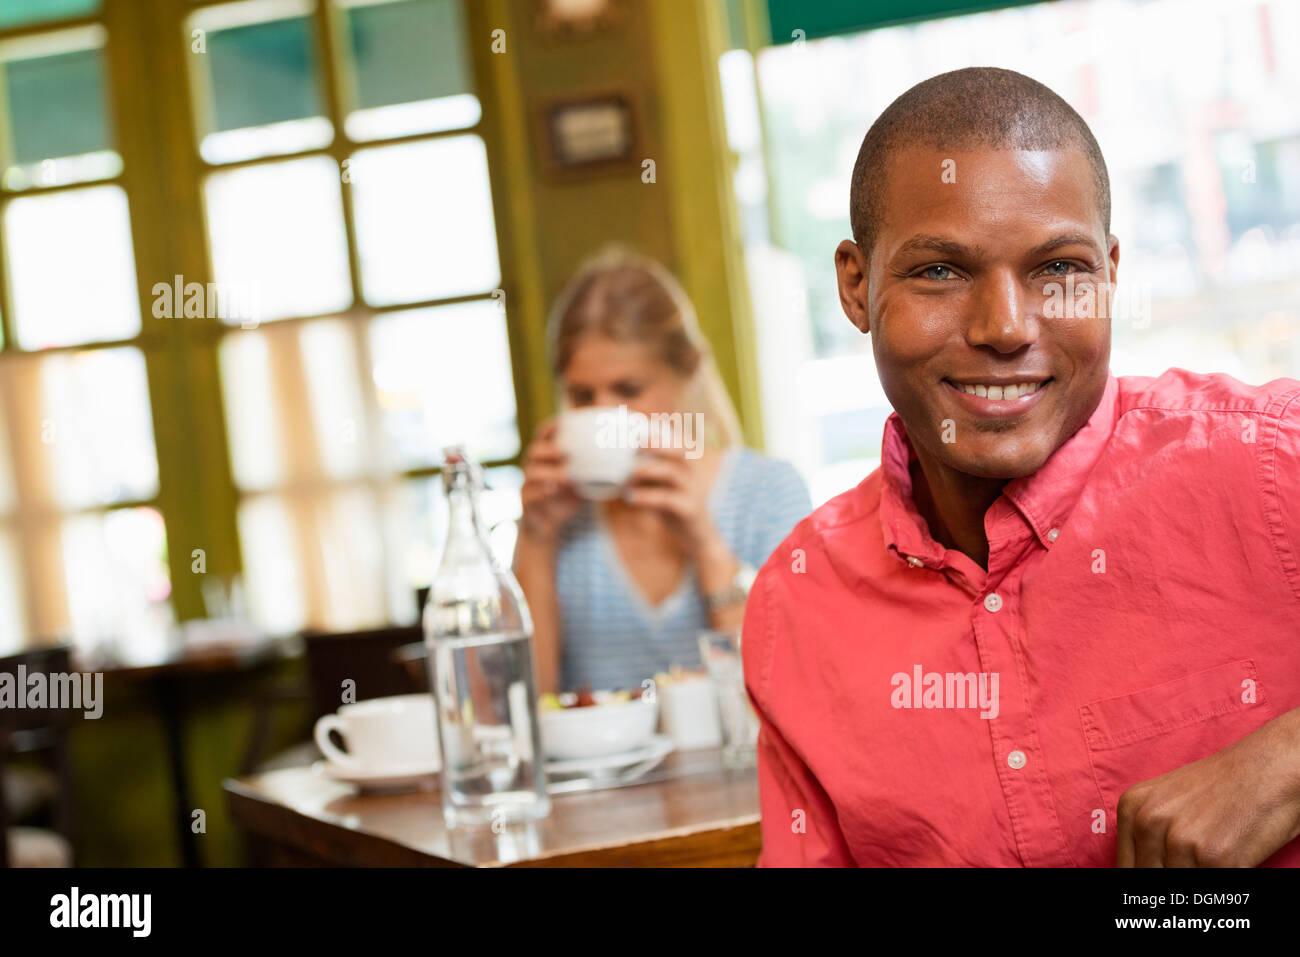 Un giovane in una città coffee shop. Seduti ad un tavolo. Una donna in possesso di una tazza di caffè. Foto Stock